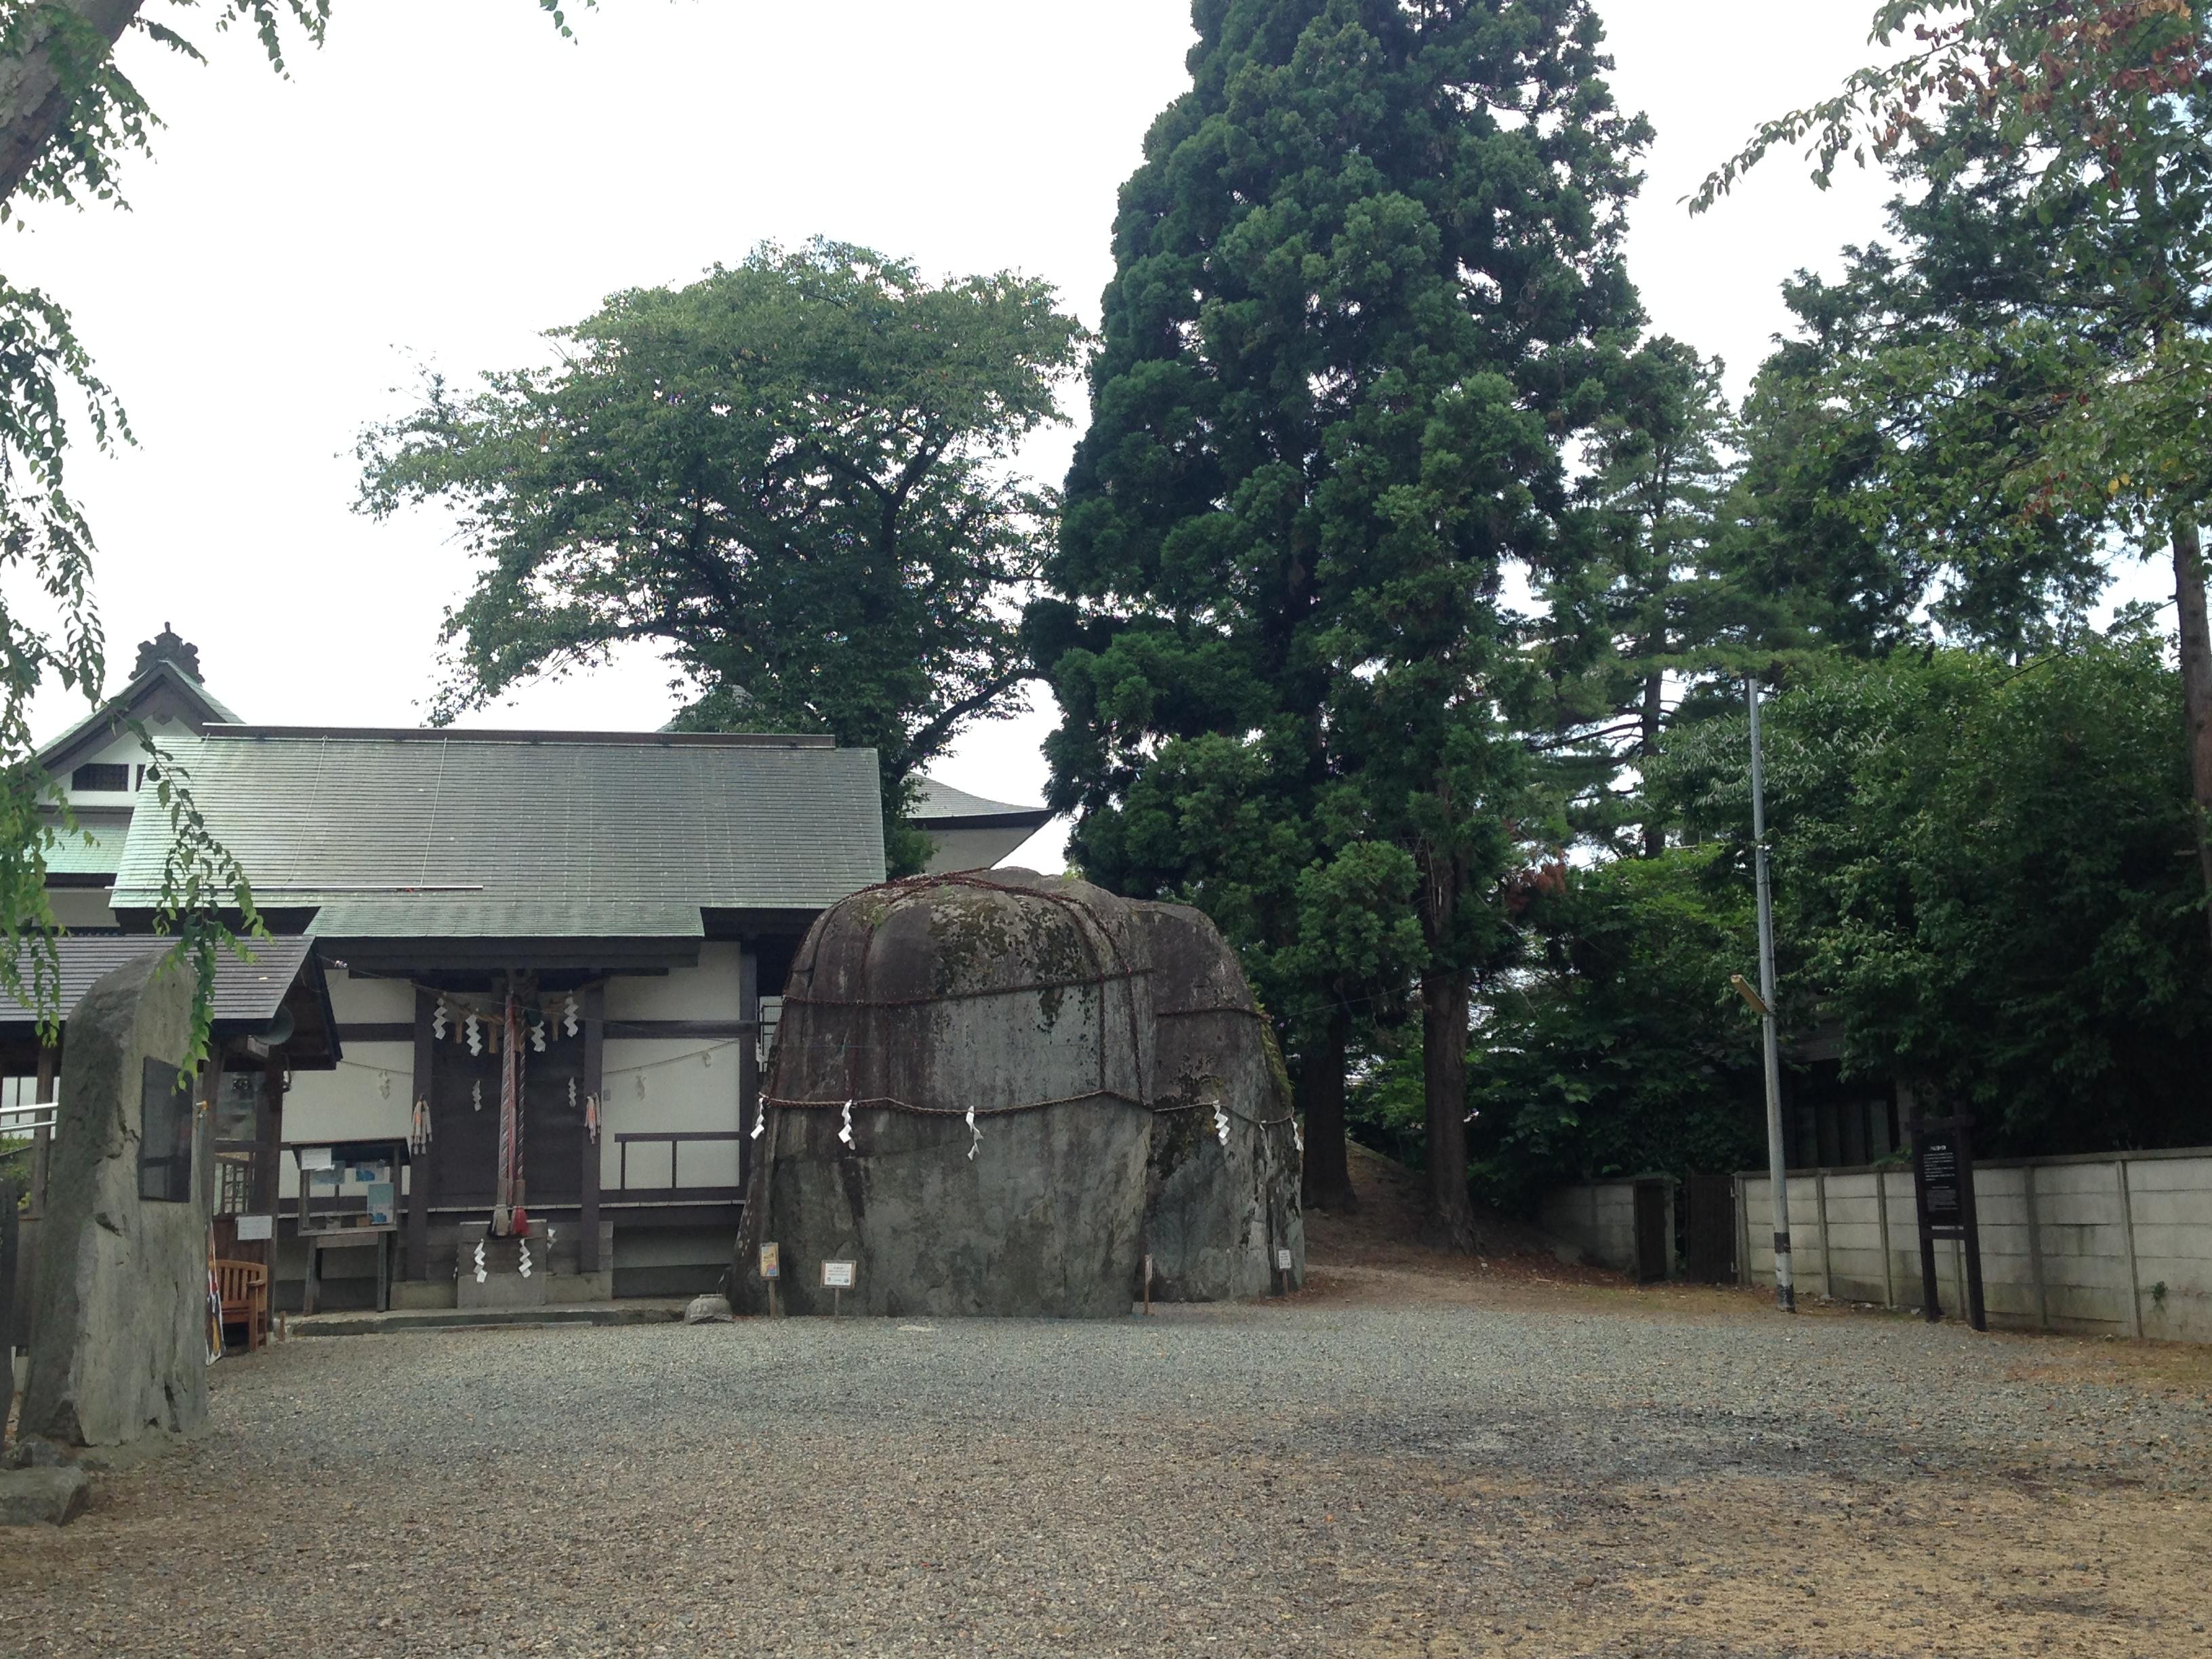 三ツ石神社。毎年7月下旬に、その年のミスさんさによる奉納の踊りが行われます。普段は無人の静かな神社です。 中央の大石に鬼の手形が残っていると言われています。